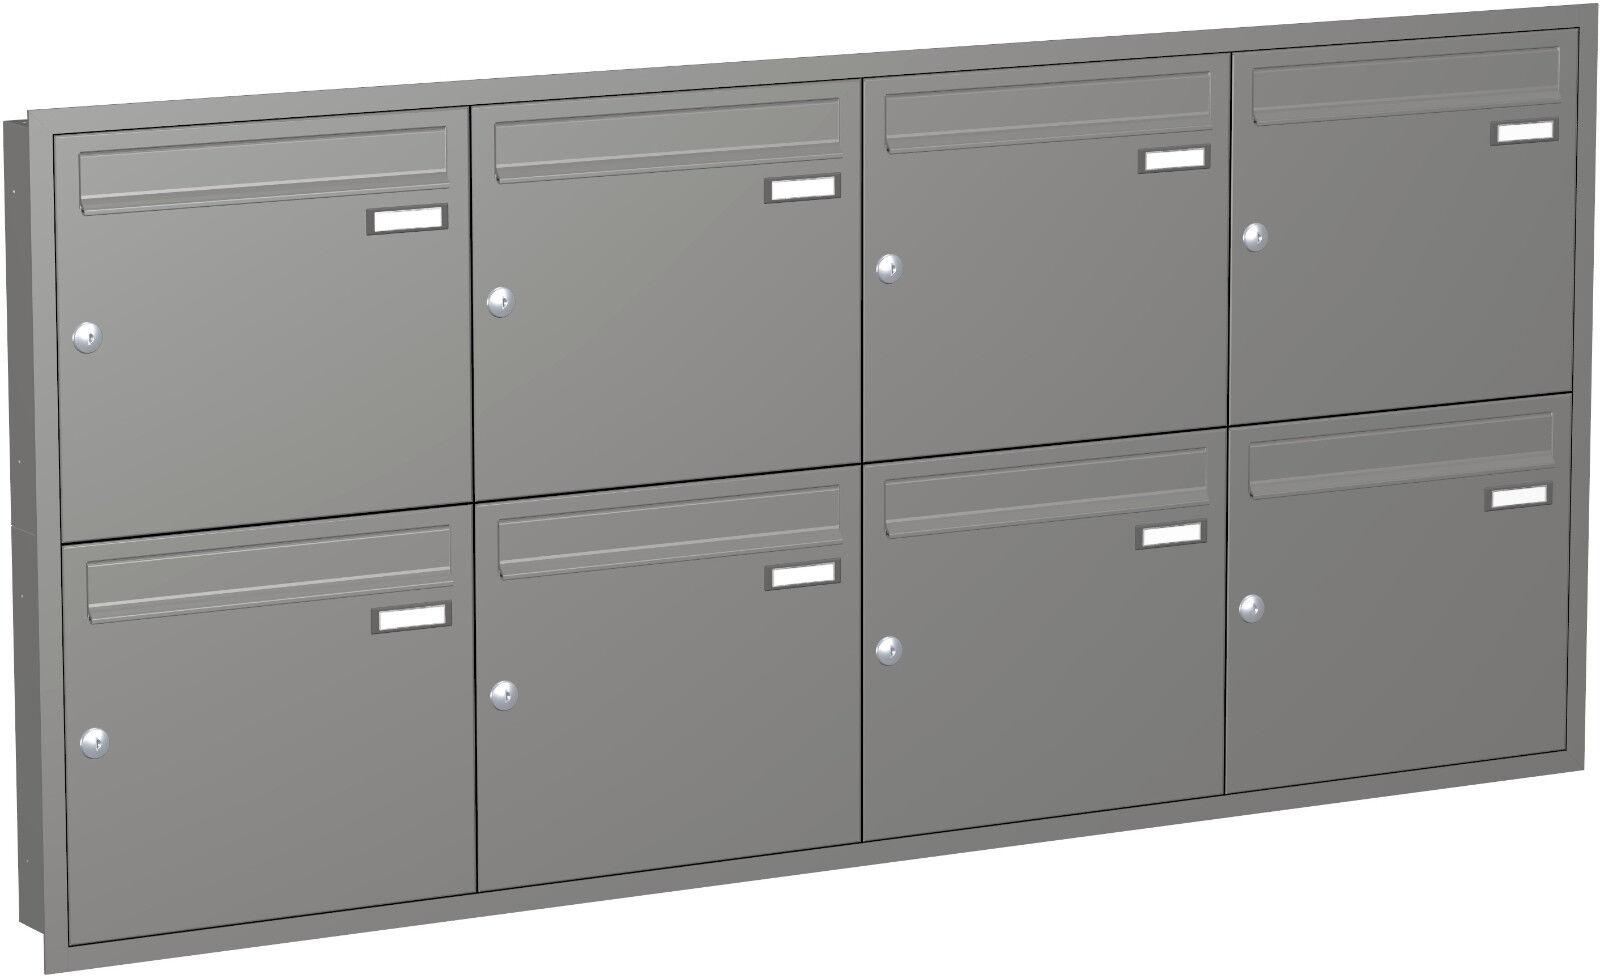 Unterputz Briefkasten anlage 8 er Rahmen TE110 Farbauswahl VA Wand Einbau UPH106